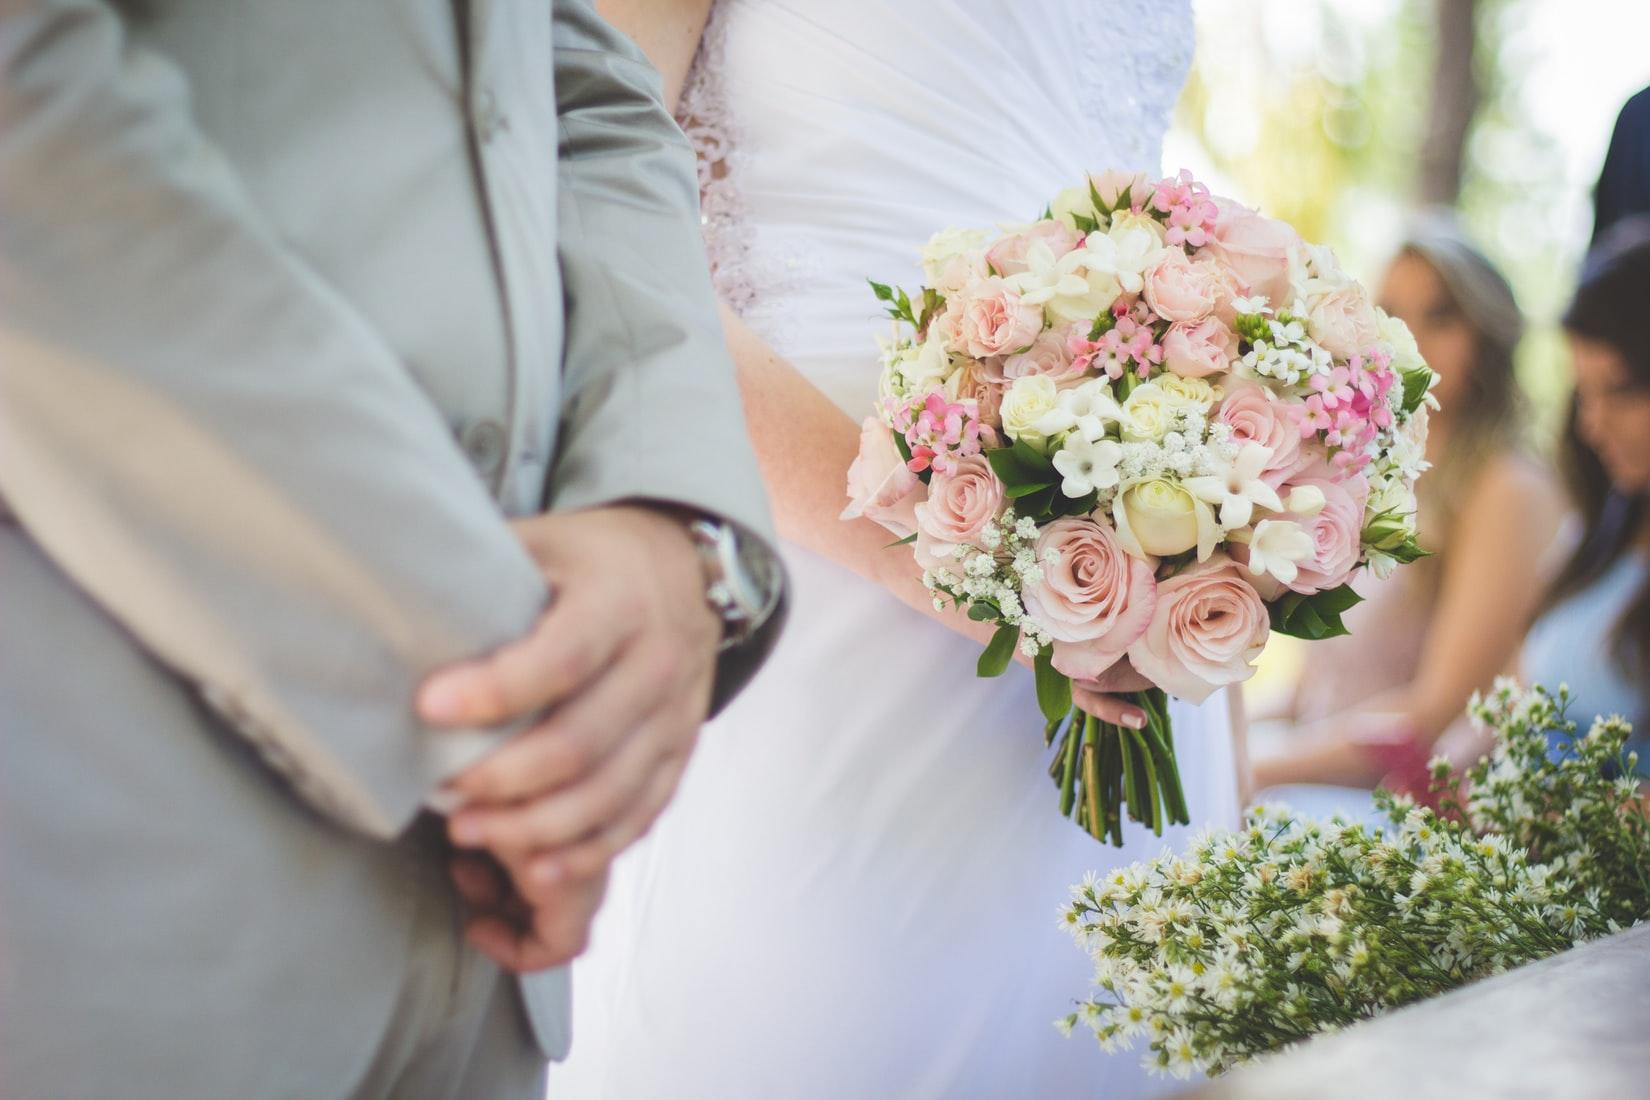 いい夫婦の日 結婚 芸能人